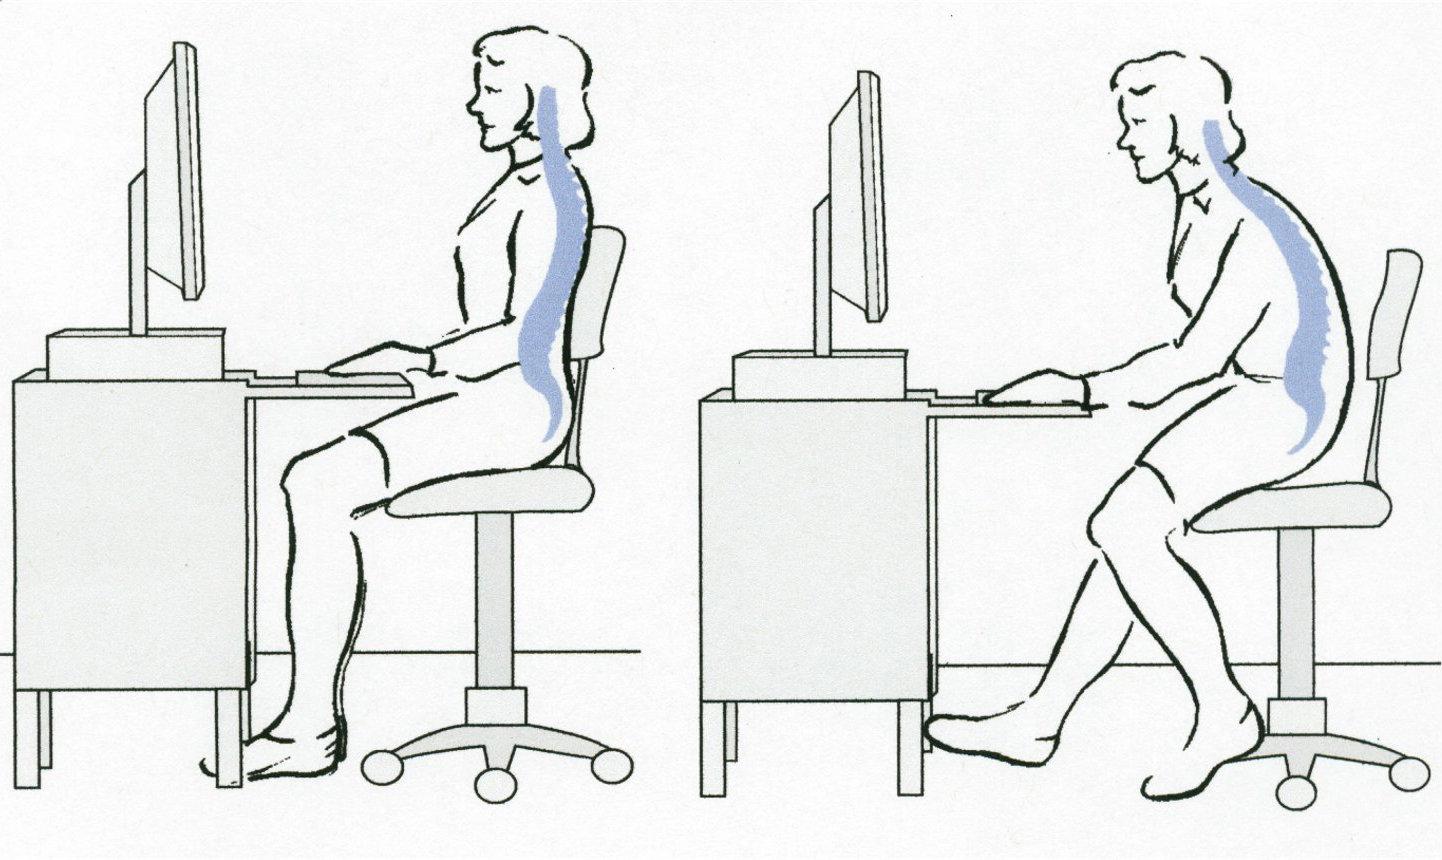 proper-sitting-posturejpg-af2cd4eb657babed